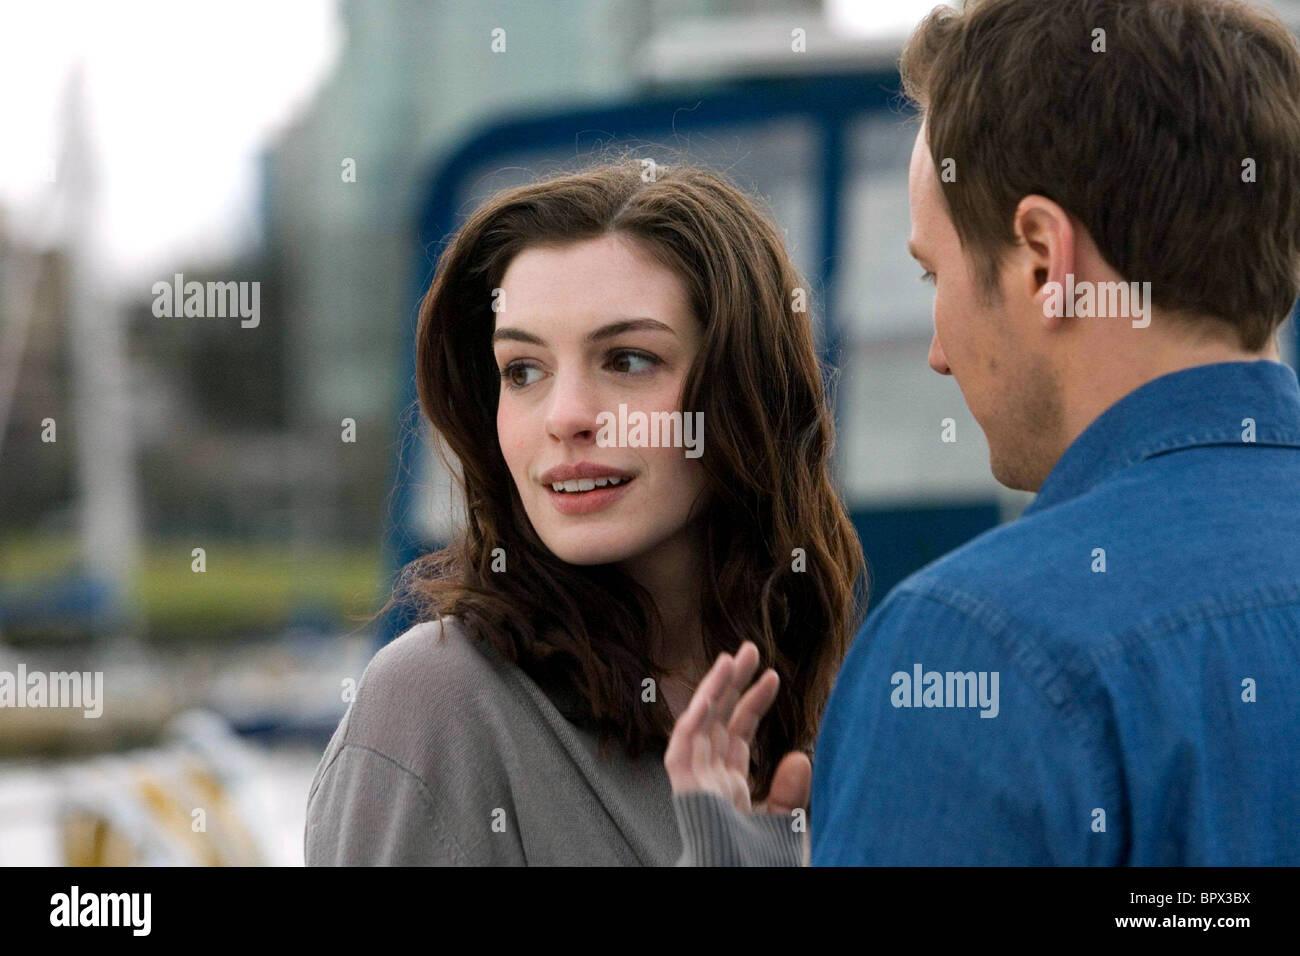 Passengers Anne Hathaway